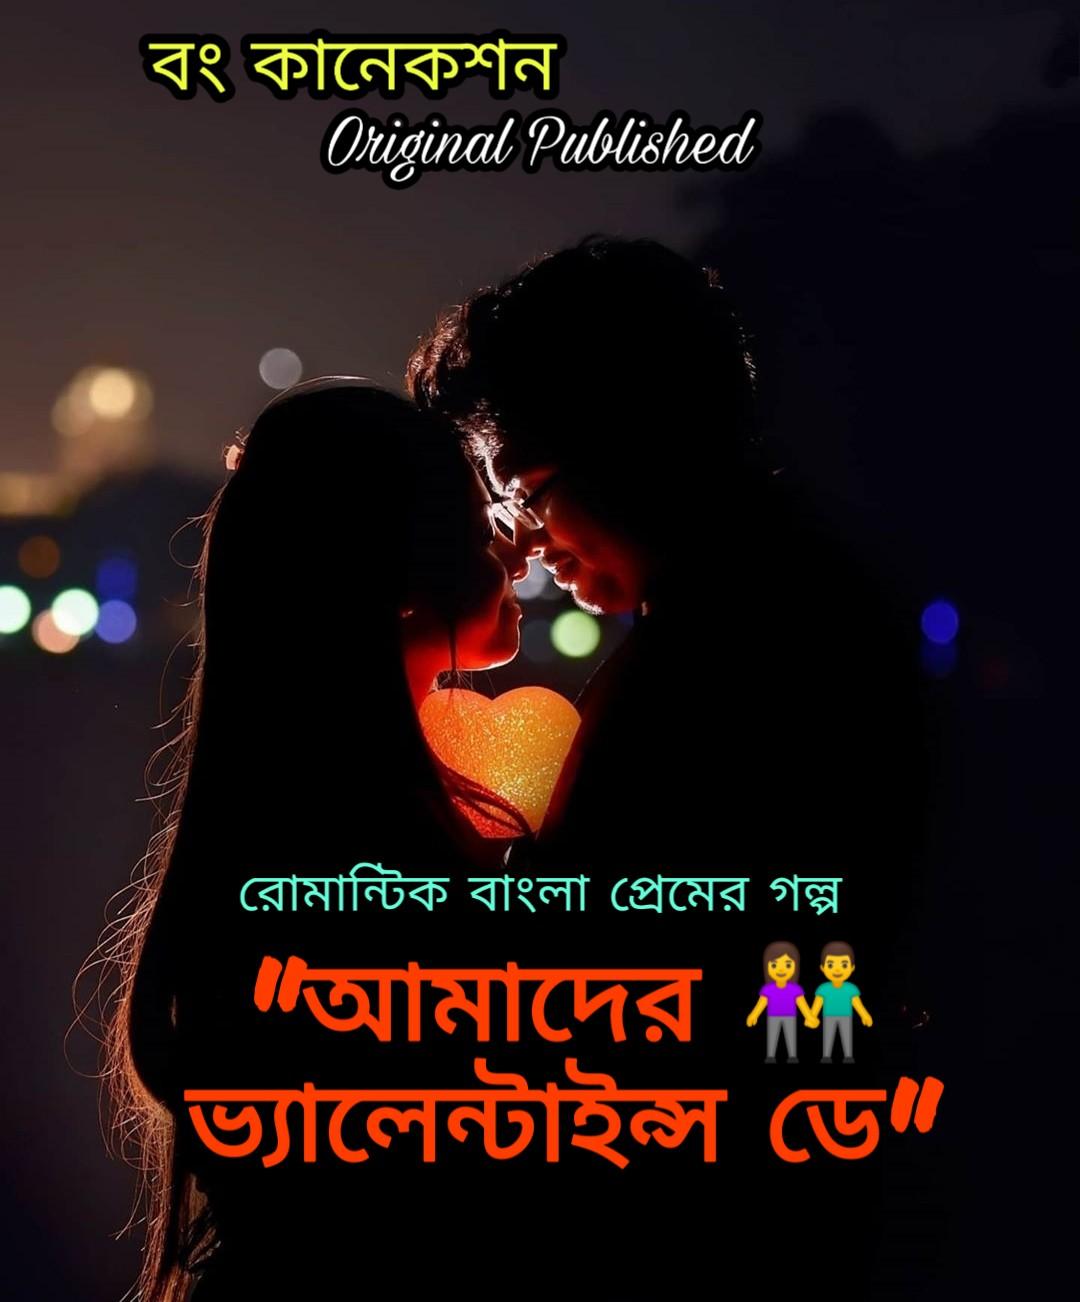 আমাদের ভ্যালেন্টাইন্স ডে - Valentine's Day Special Story - Premer Golpo - Valobashar Golpo